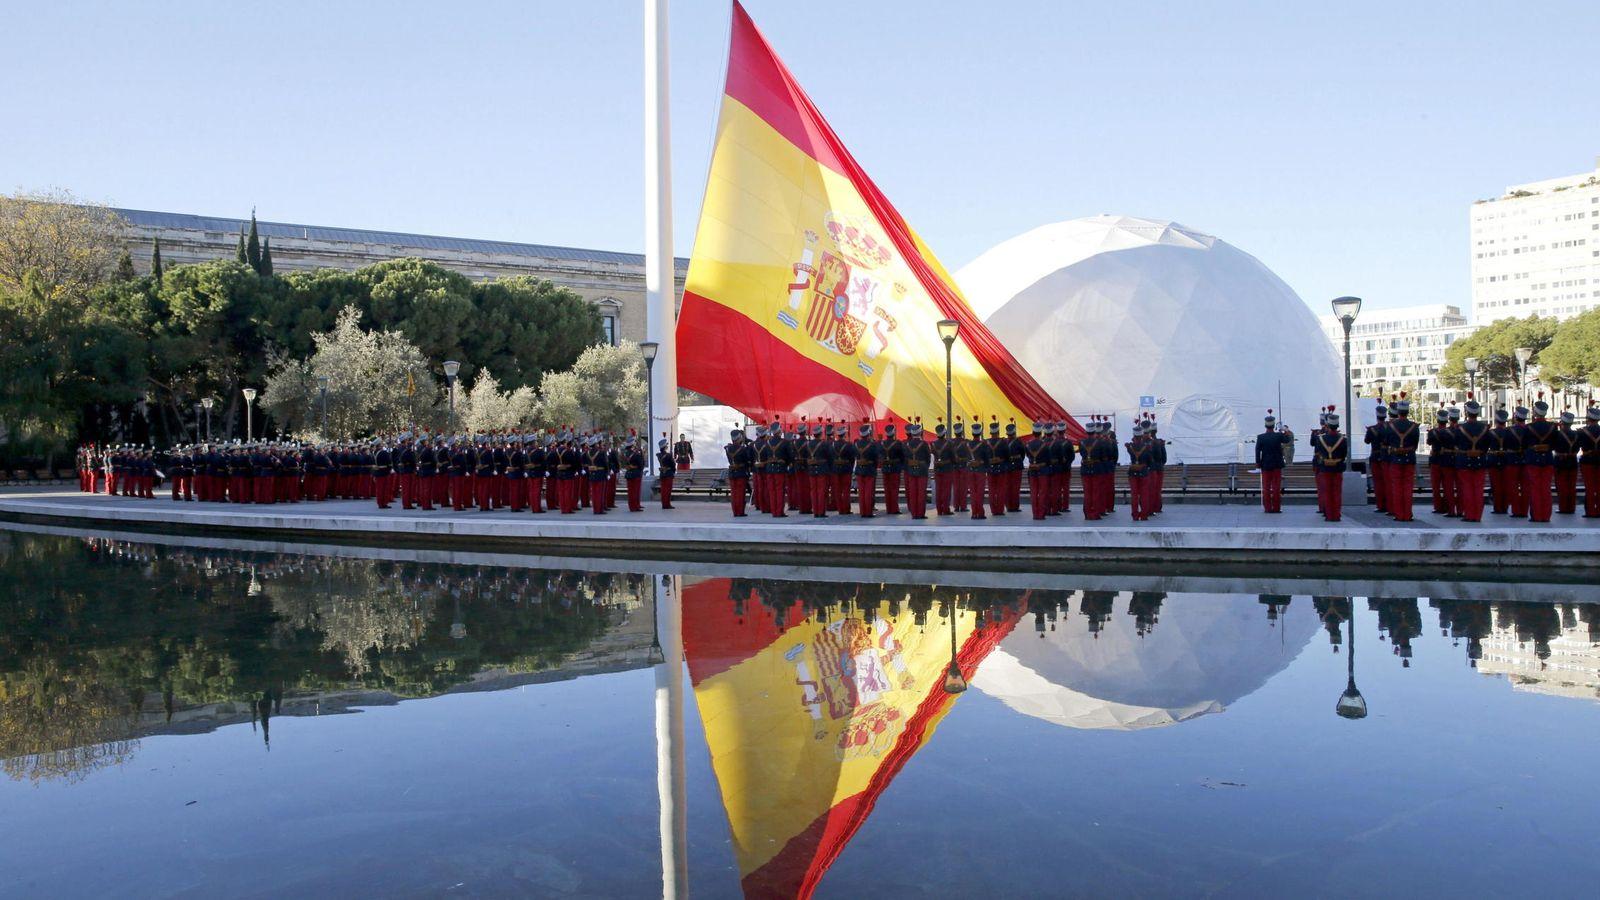 Foto: Acto solemne de izado de la bandera nacional presidido por los presidentes del Congreso y del Senado, en Madrid. (EFE/Juanjo Martín)